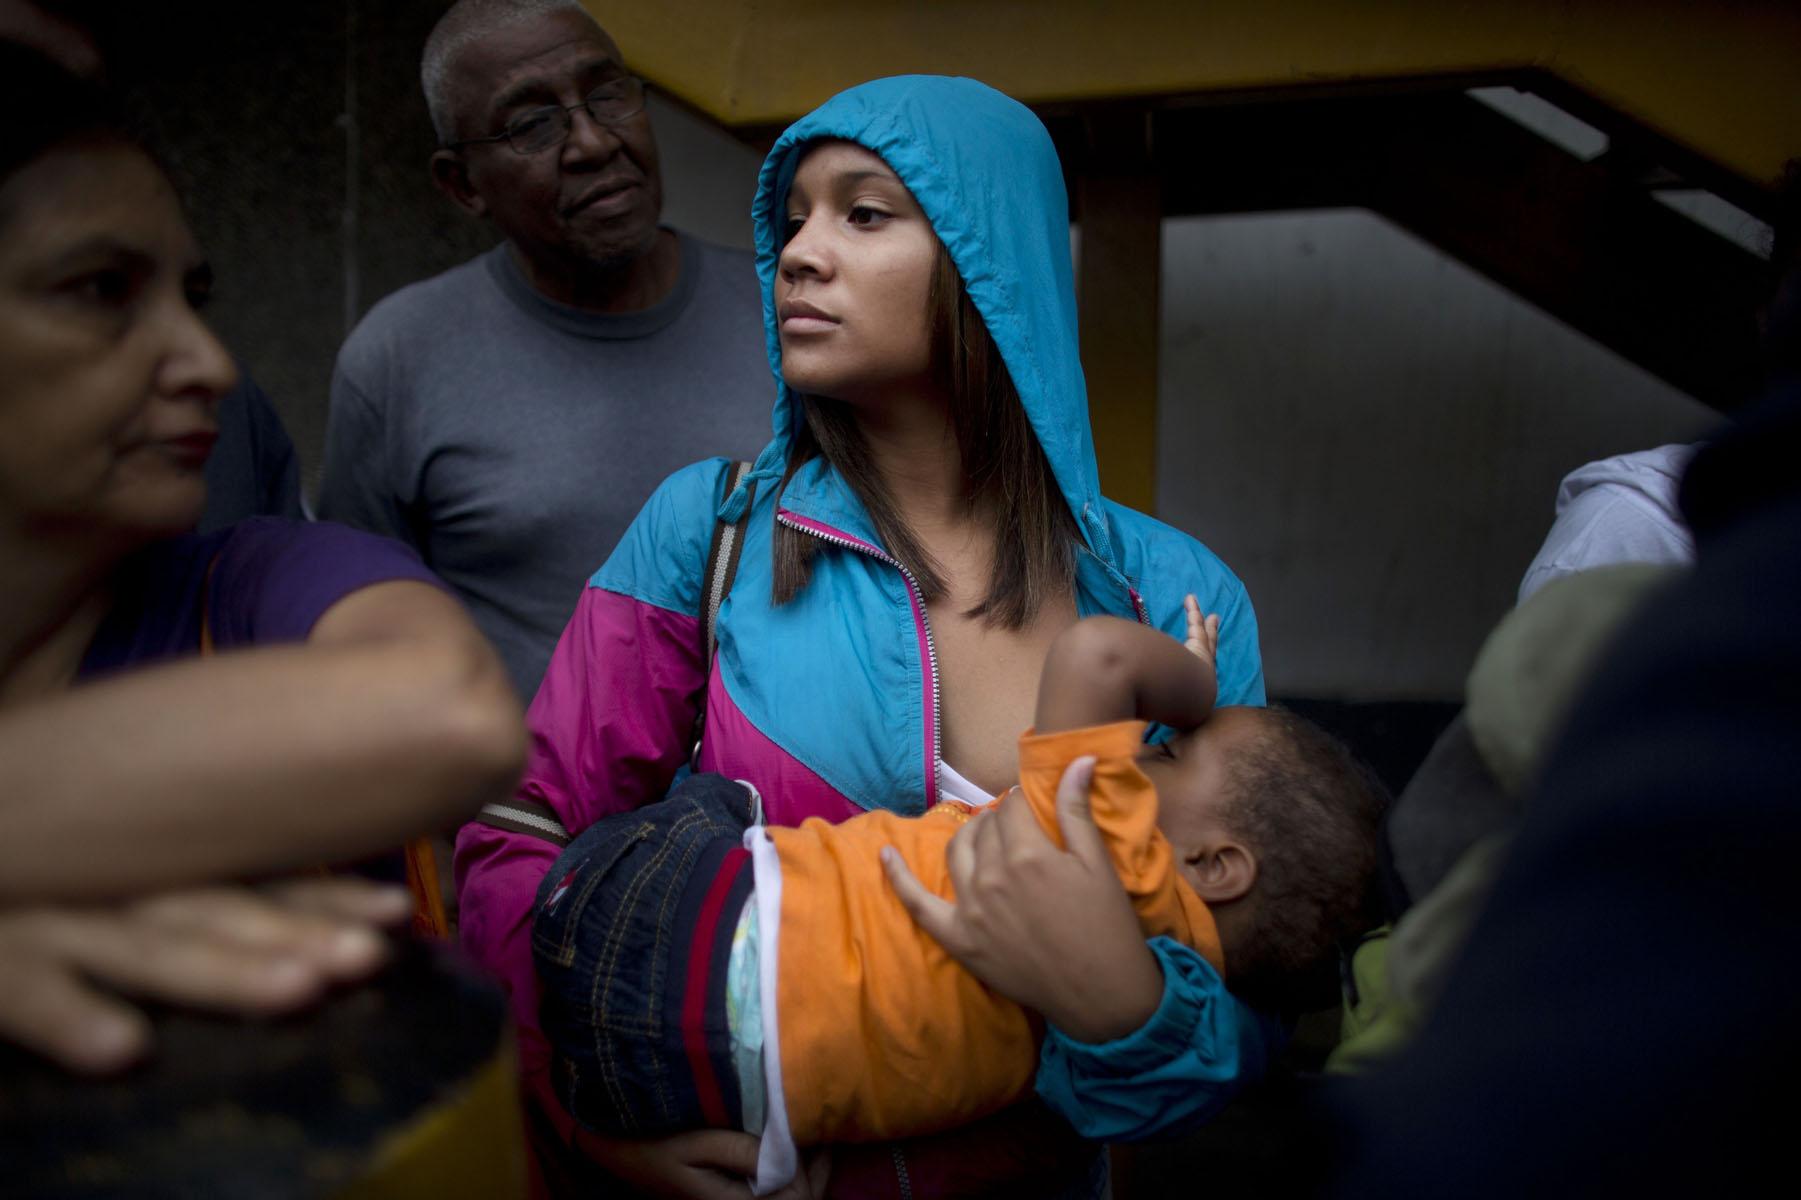 En esta fotografía del martes 3 de mayo de 2016, Madeley Vásquez, de 16 años, amamanta a su hijo de un año, Joangel, mientras espera formada afuera de un supermercado de Caracas, Venezuela, para comprar comida. Vásquez relató que una vez tuvo que correr para escapar de una riña con navajas que comenzó cuando una mujer fue acusada de meterse en la fila. (AP Foto/Ariana Cubillos)